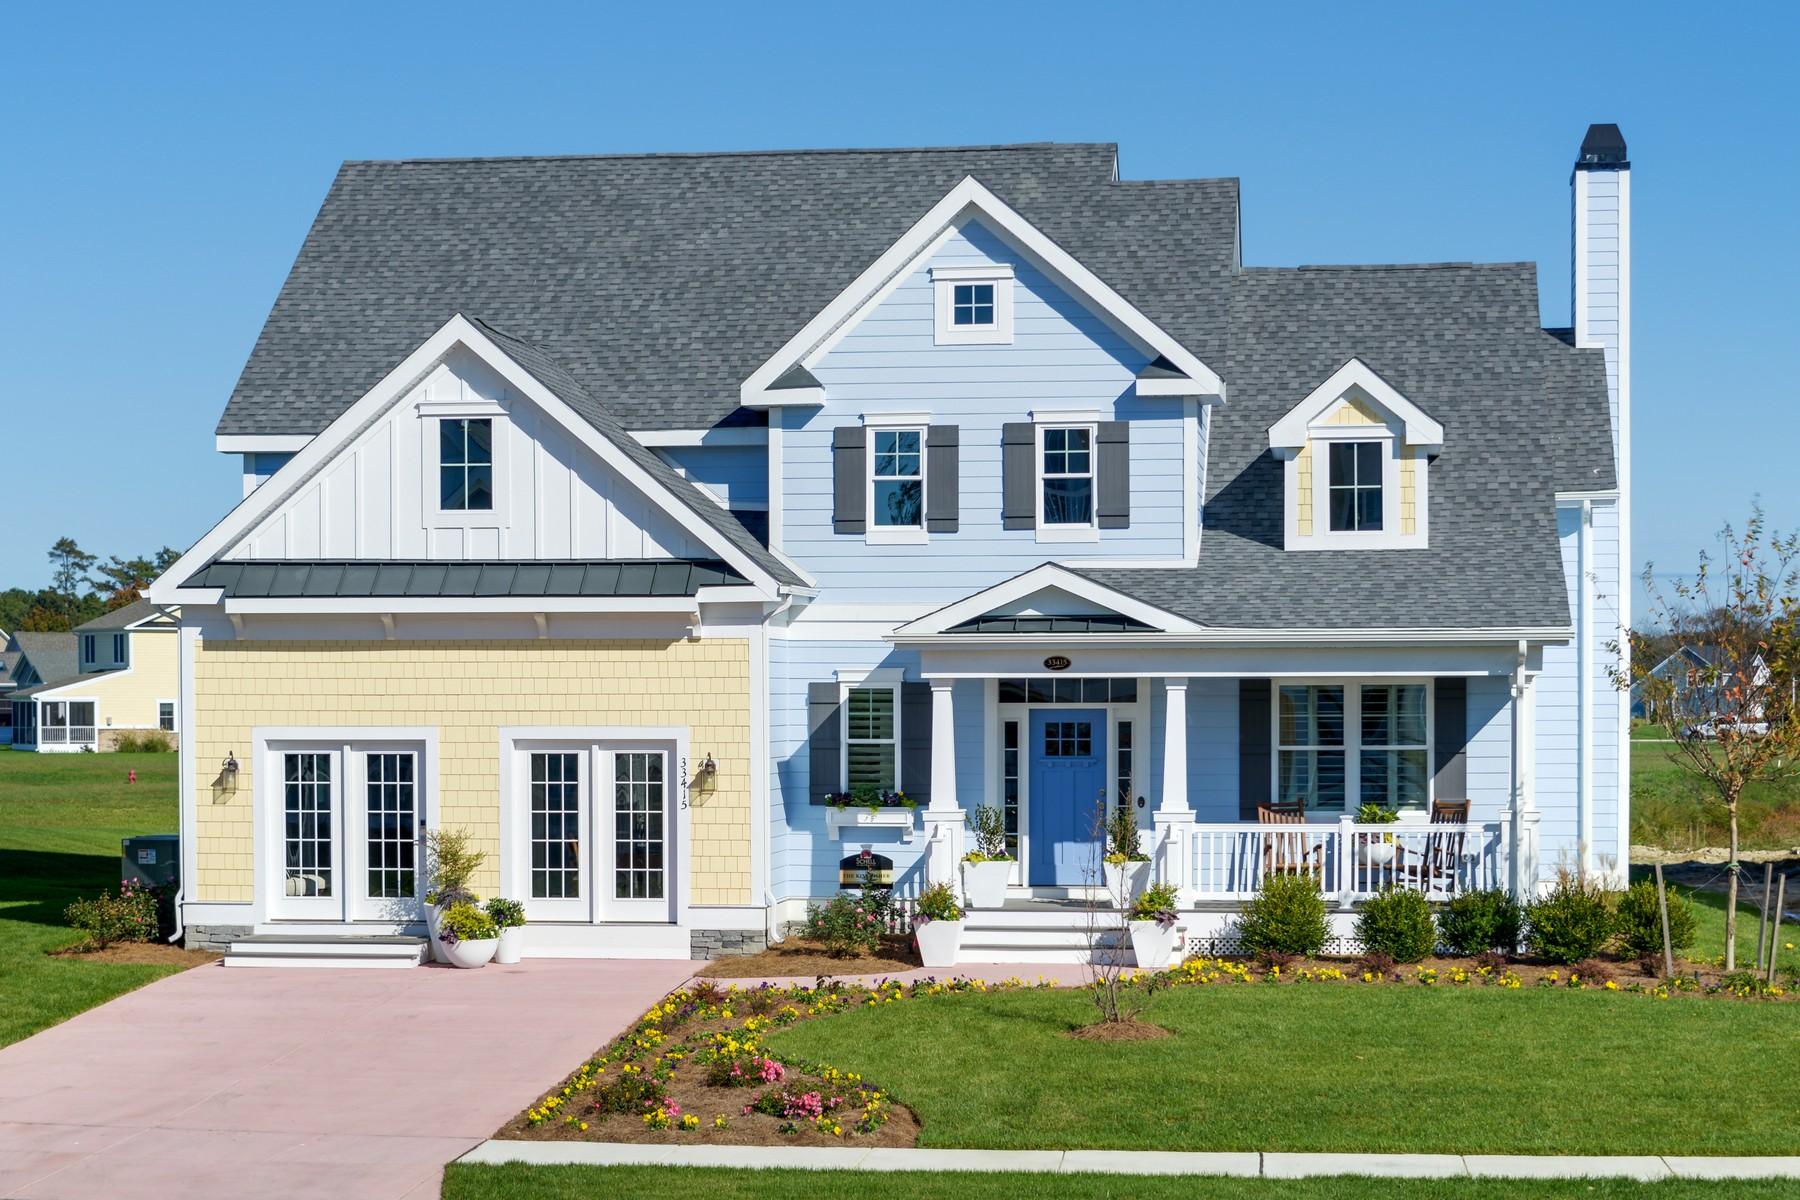 Частный односемейный дом для того Продажа на 33415 Marina Bay Circle , Millsboro, DE 19966 33415 Marina Bay Circle Millsboro, 19966 Соединенные Штаты